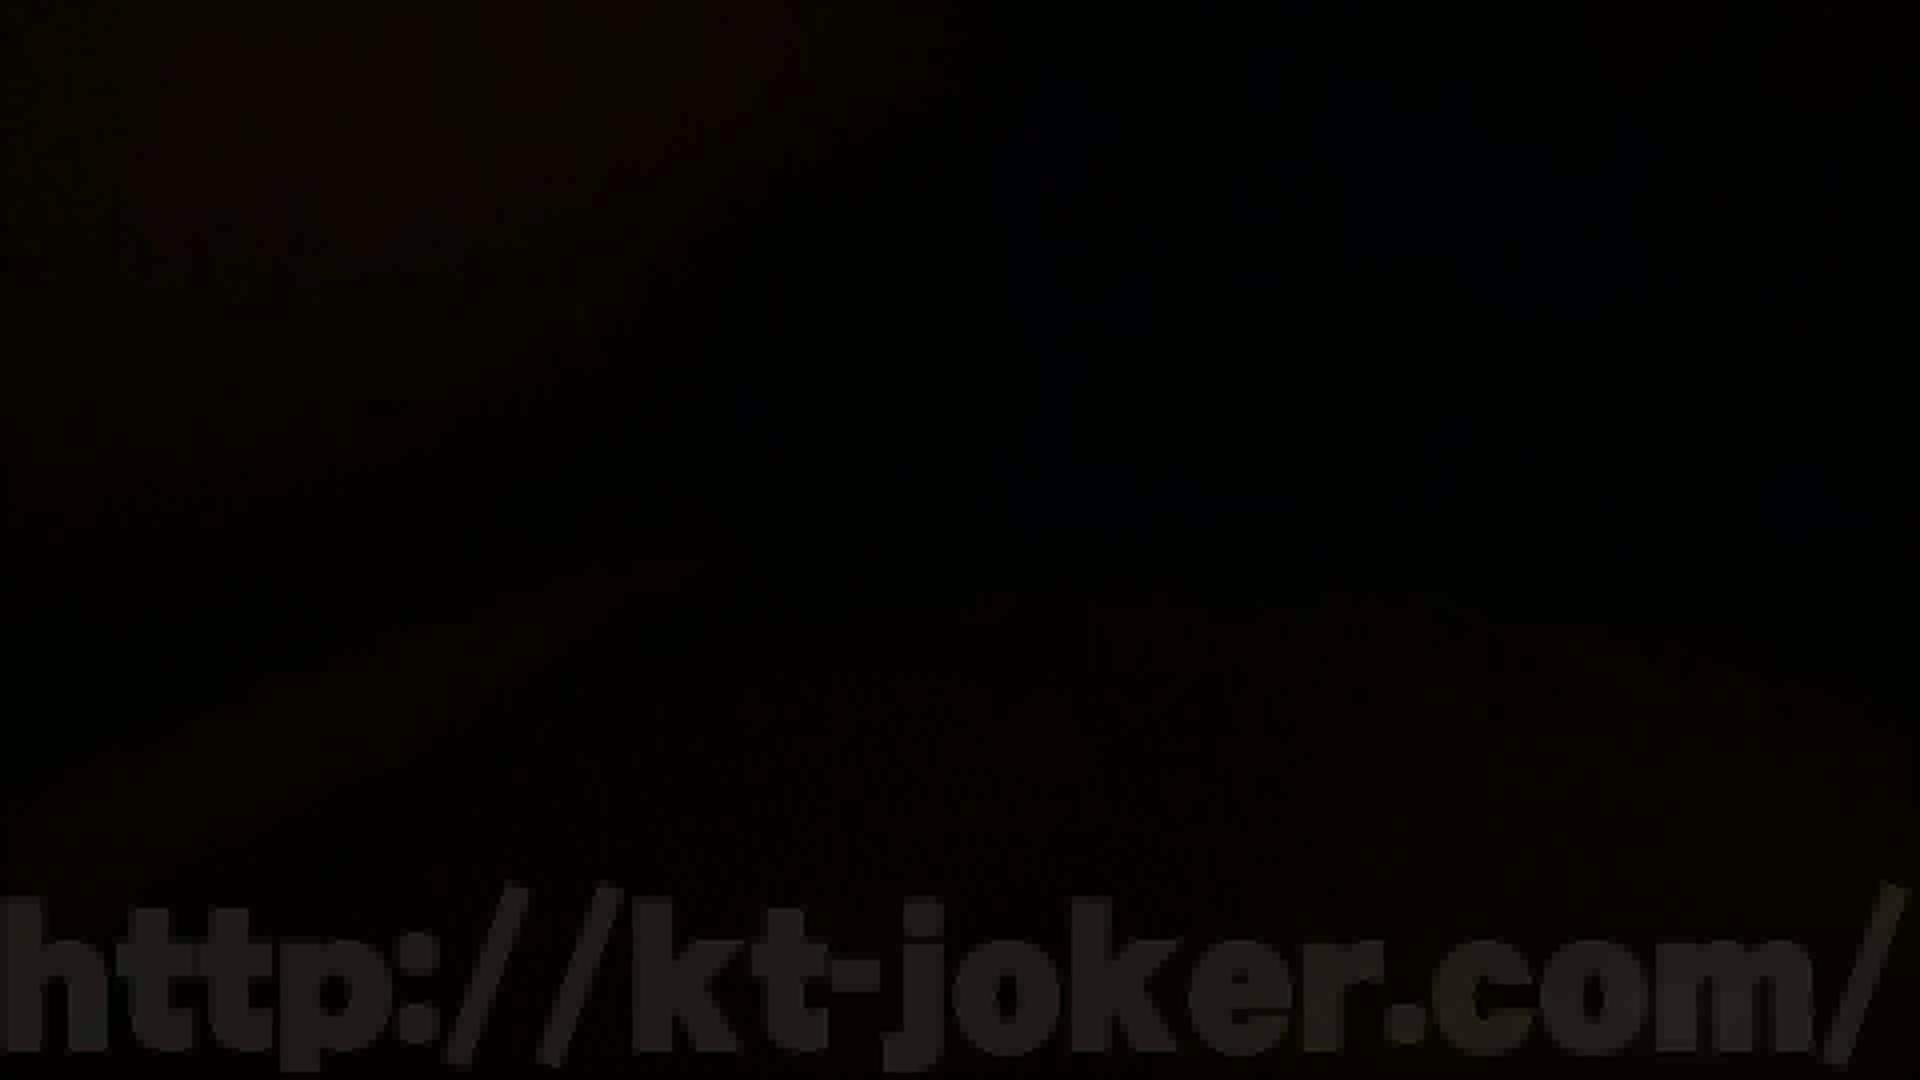 イ・タ・ズ・ラ劇場 Vol.42 OLハメ撮り  77Pix 19